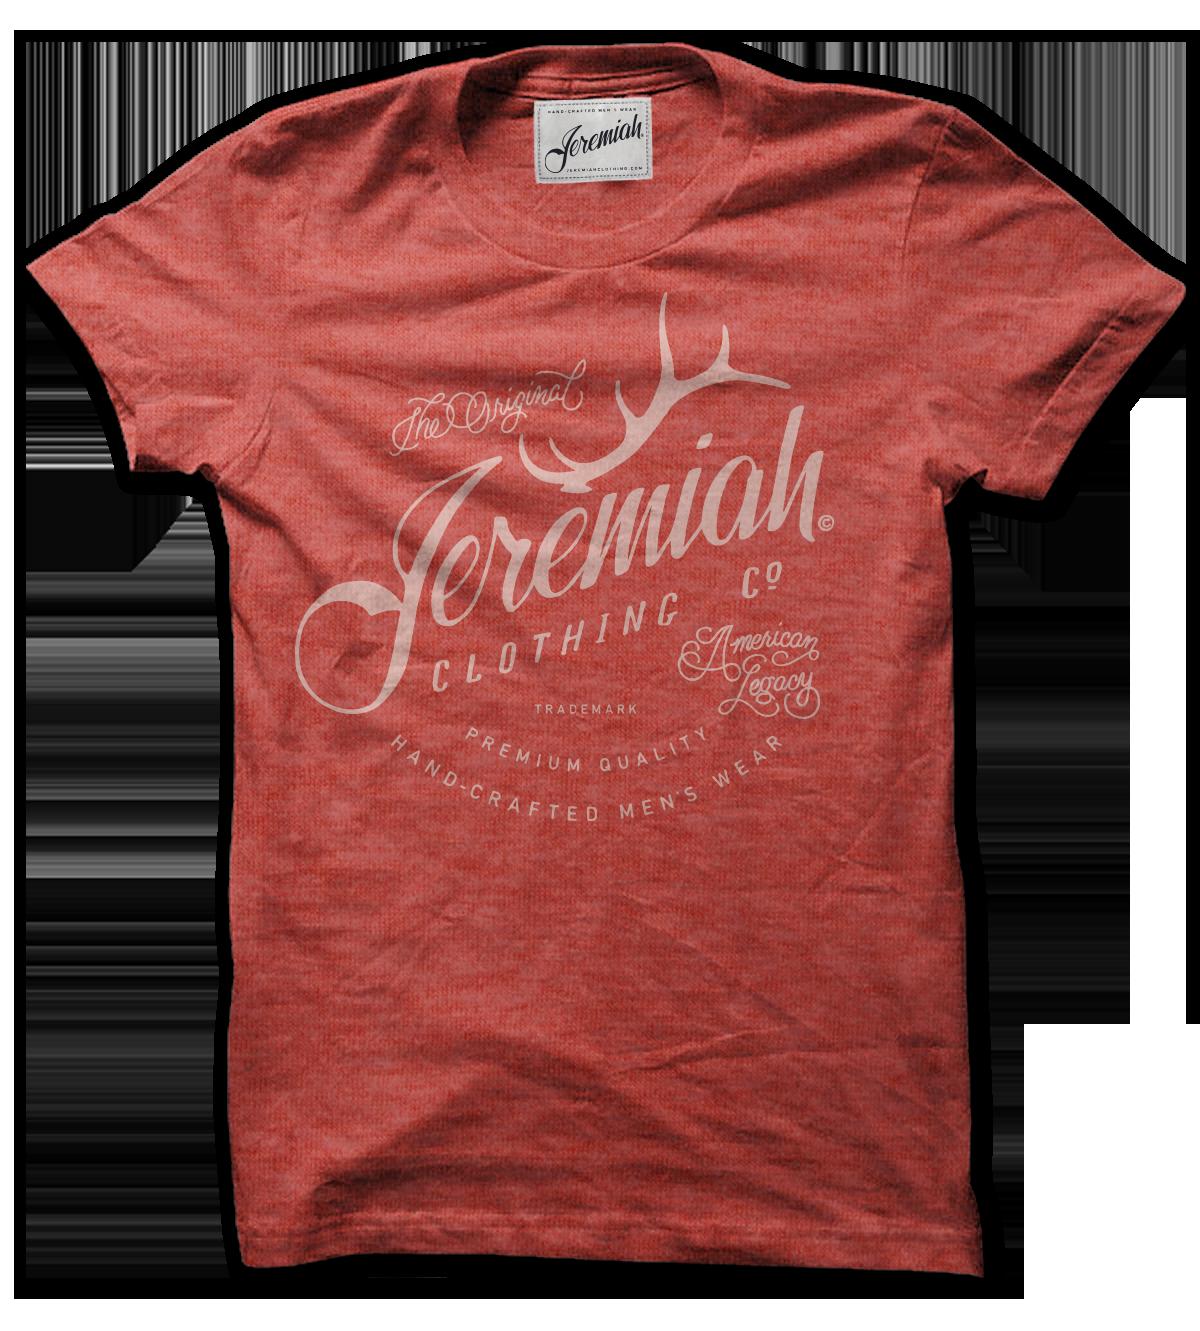 Jeremiah Clothing Co.